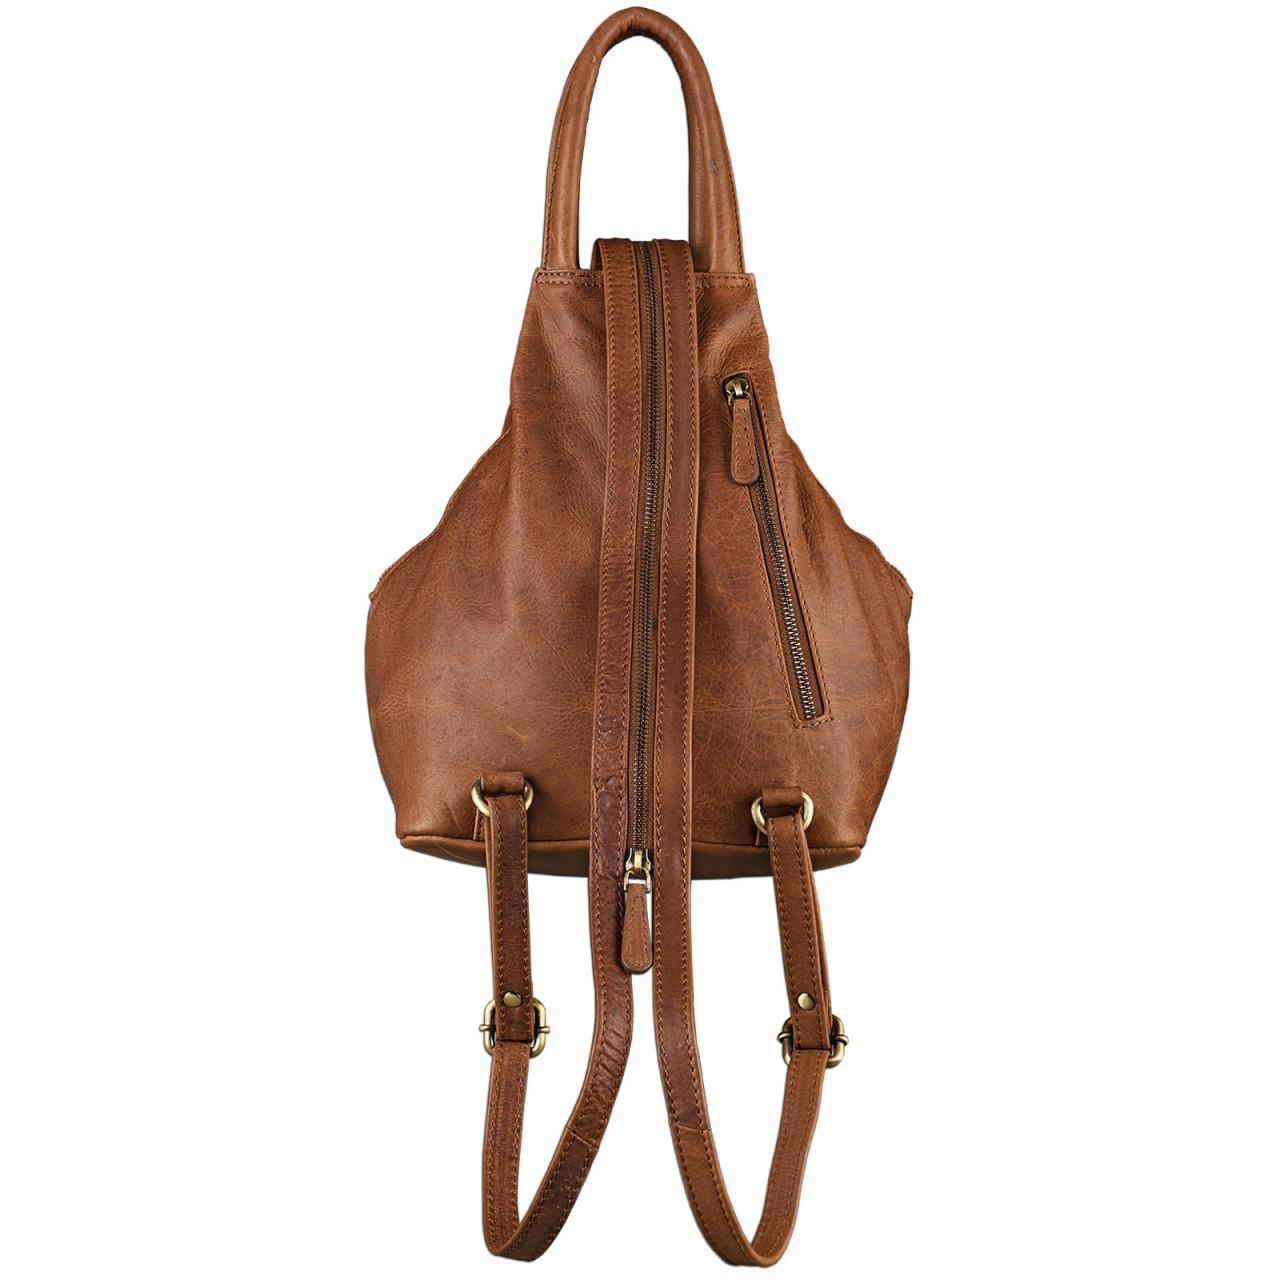 STILORD Damen Rucksack Vintage mit Henkel und Reißverschluss Handtasche elegantes und robustes Büffel Leder Cognac Braun - Bild 3